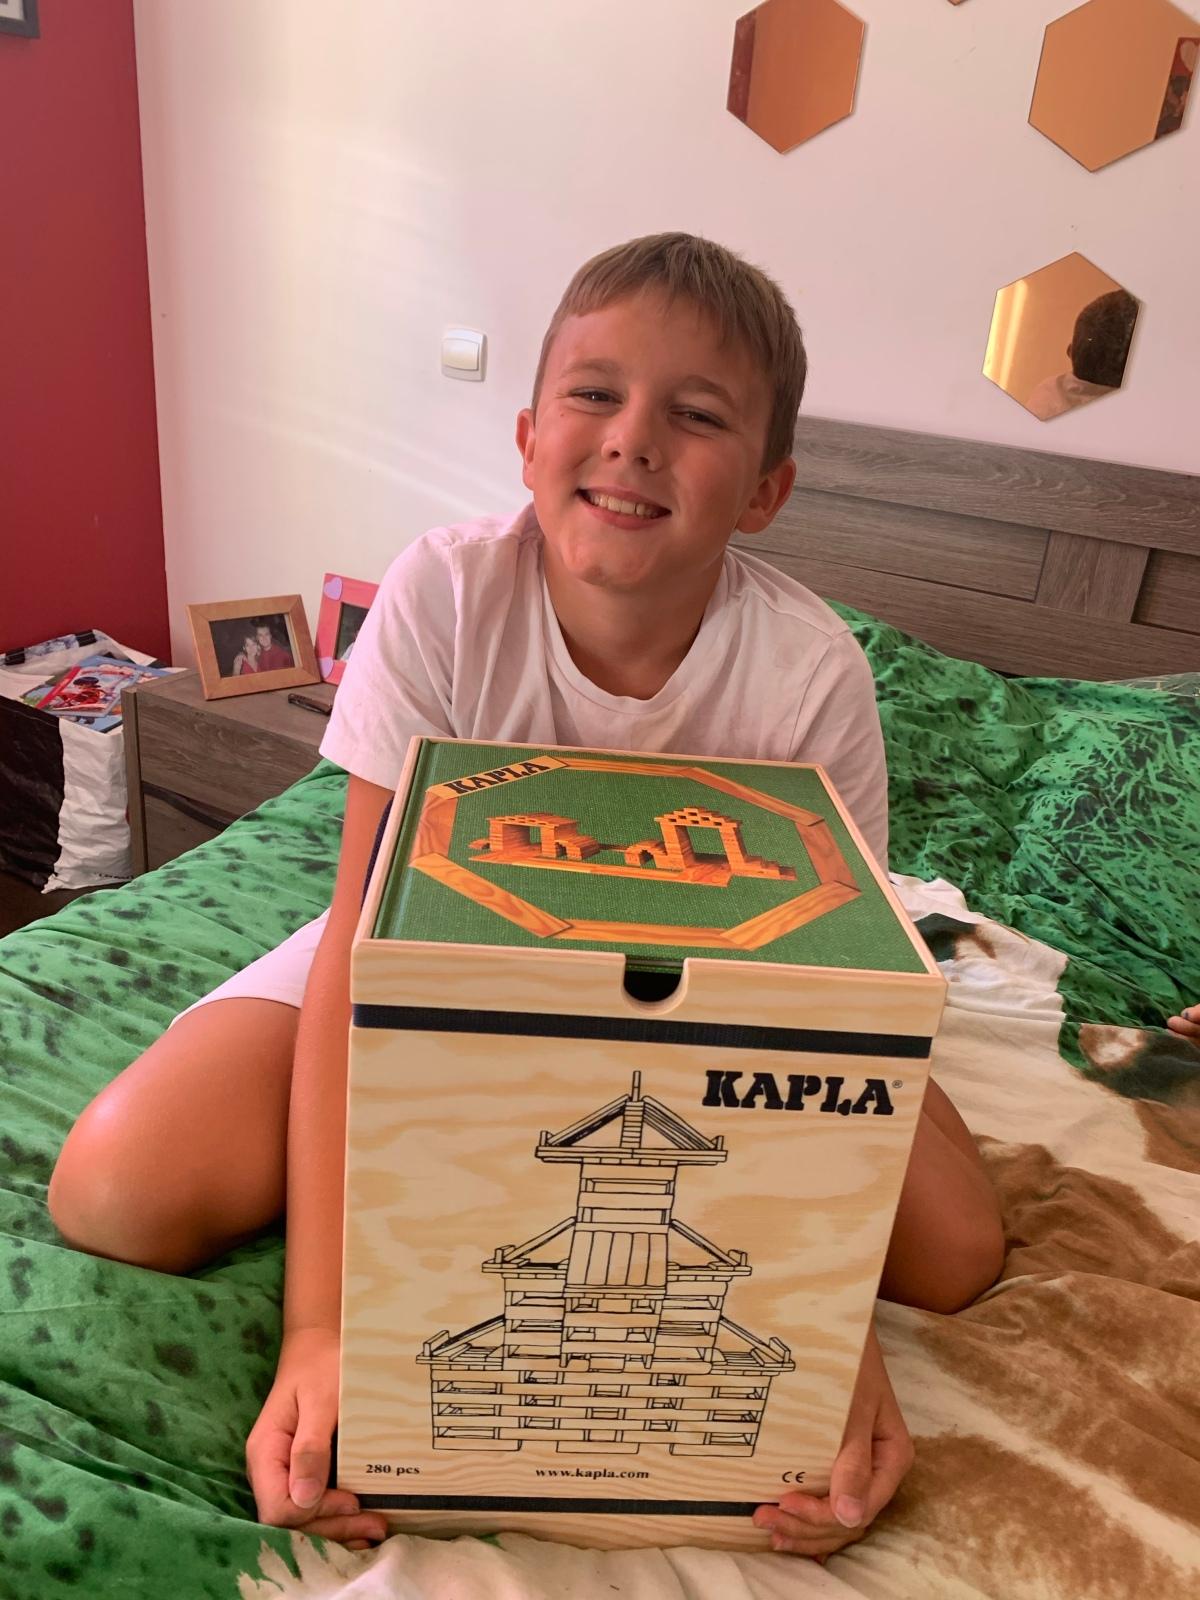 Les planchettes KAPLA pour développer la créativité desenfants!